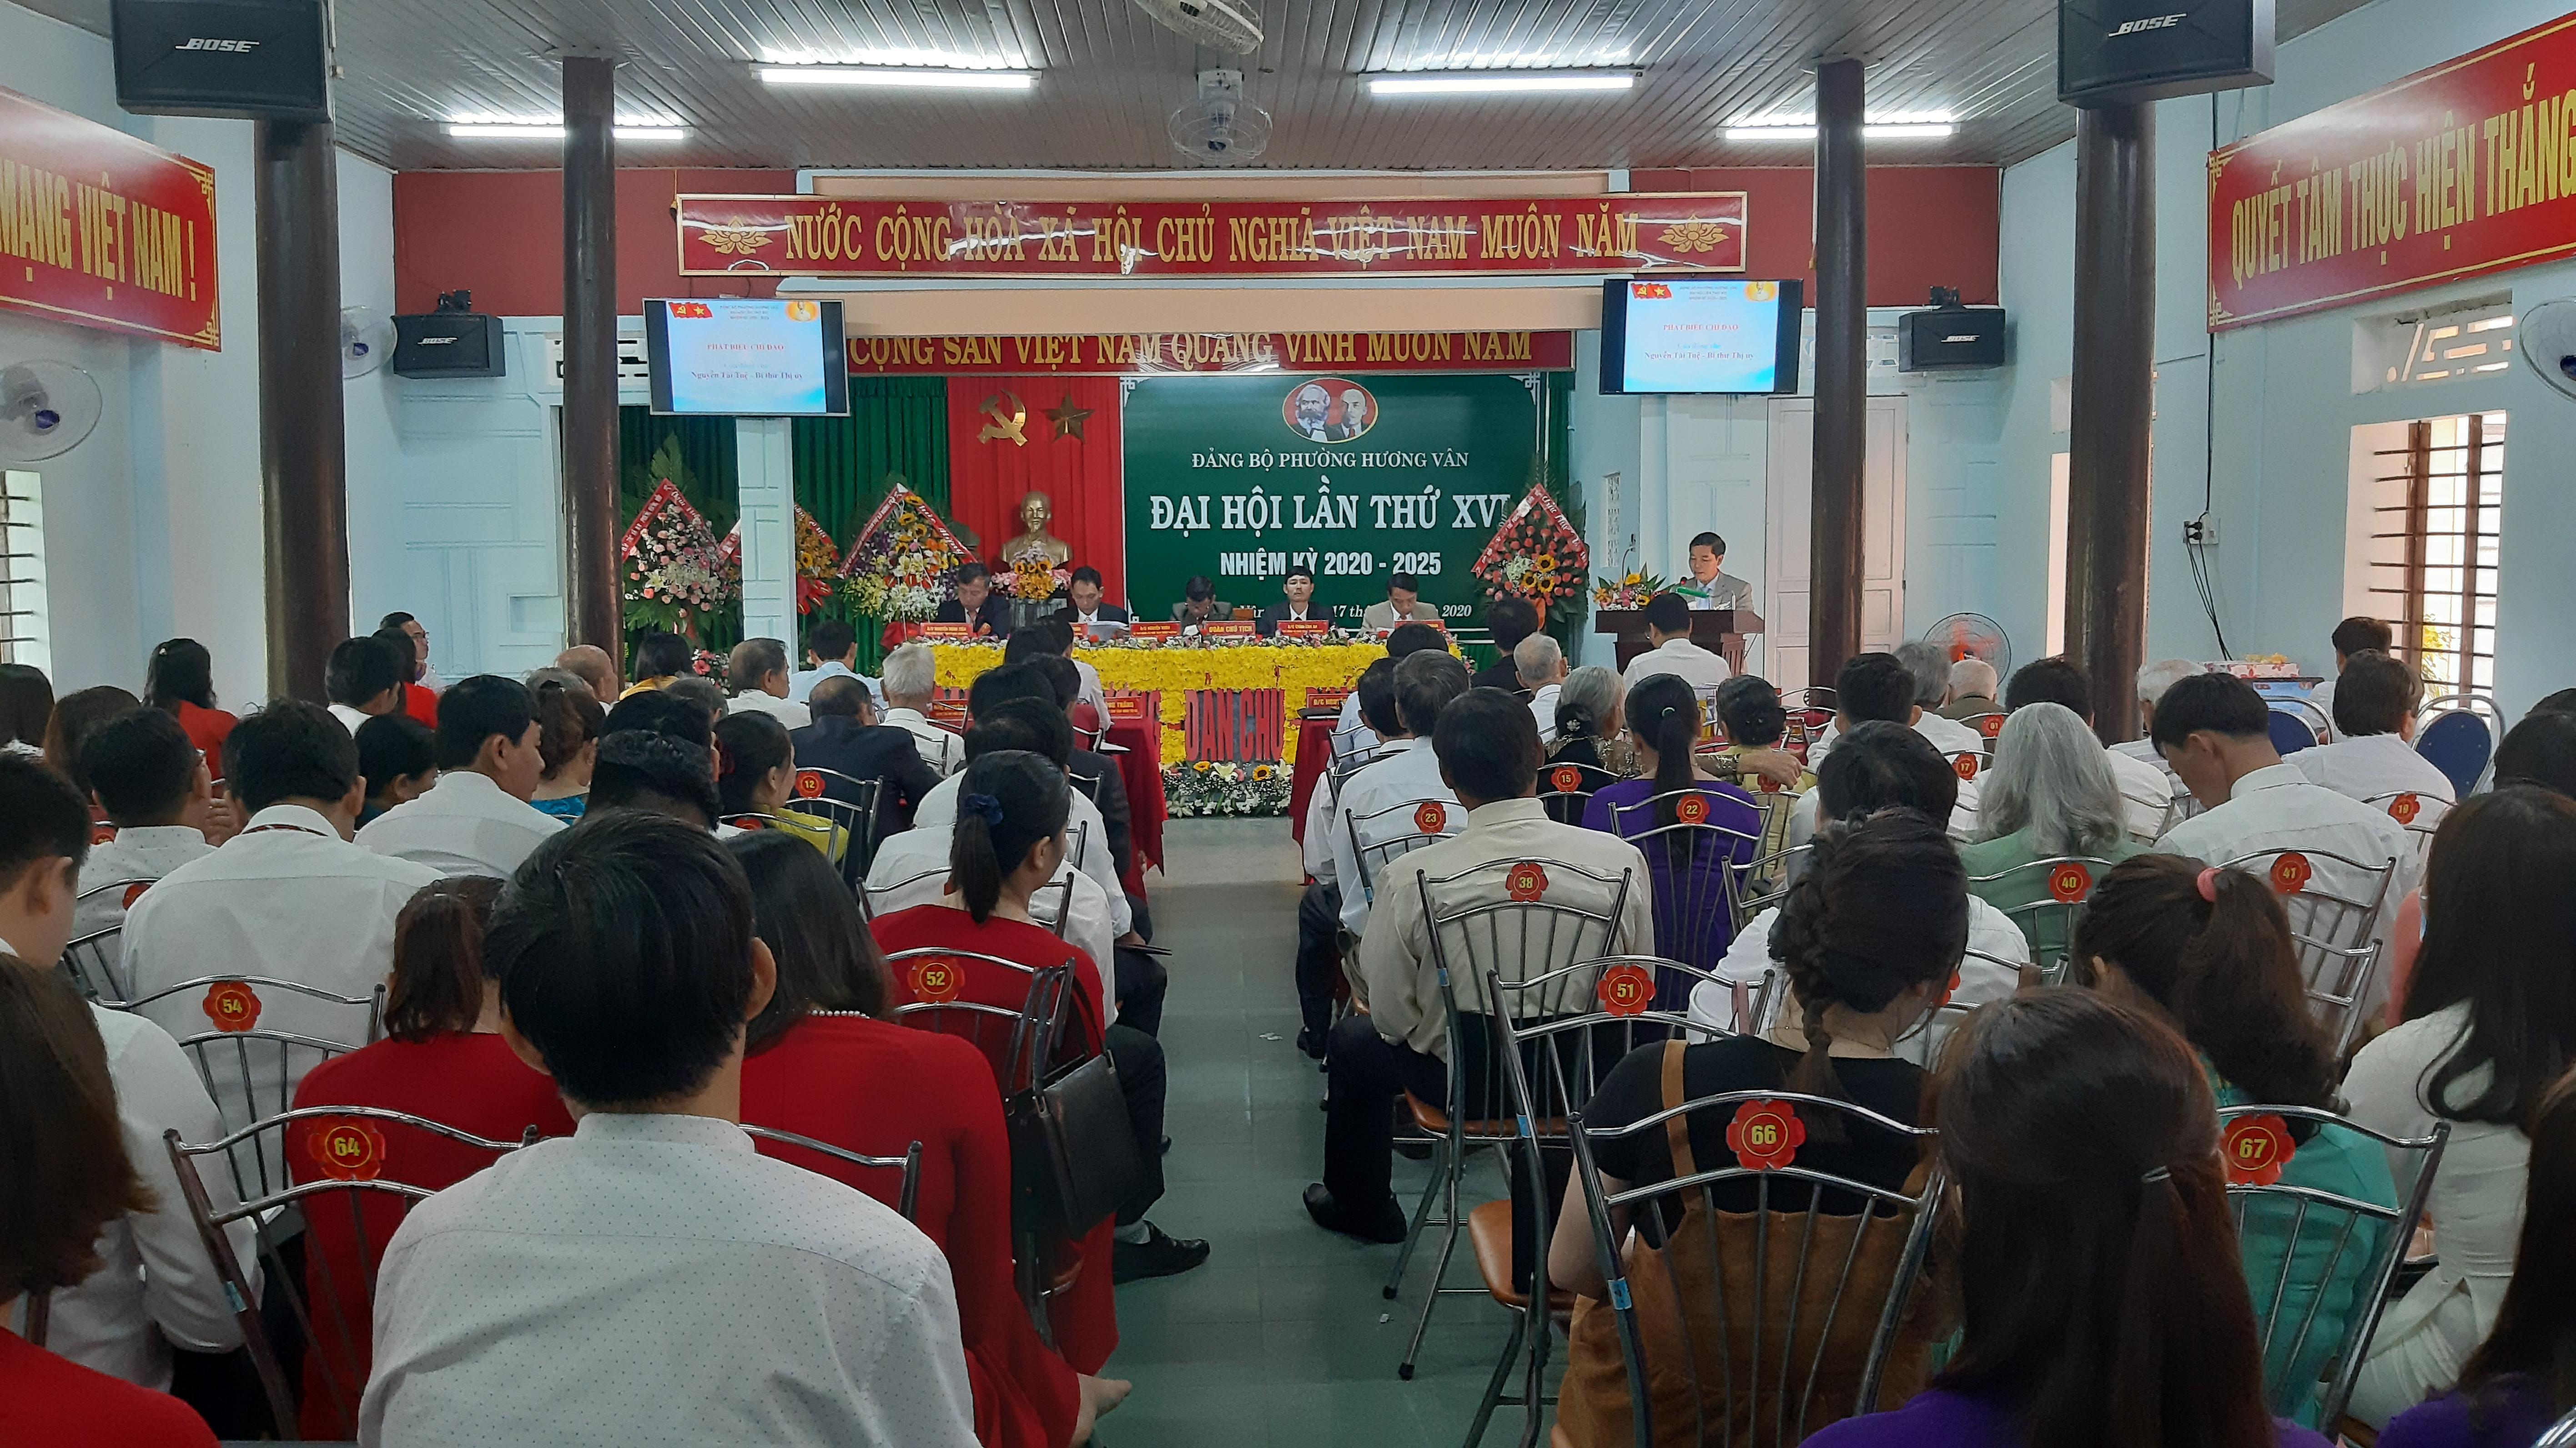 Đảng bộ phường Hương Vân: Đại hội Đảng bộ lần thứ XVI, nhiệm kỳ 2020 - 2025